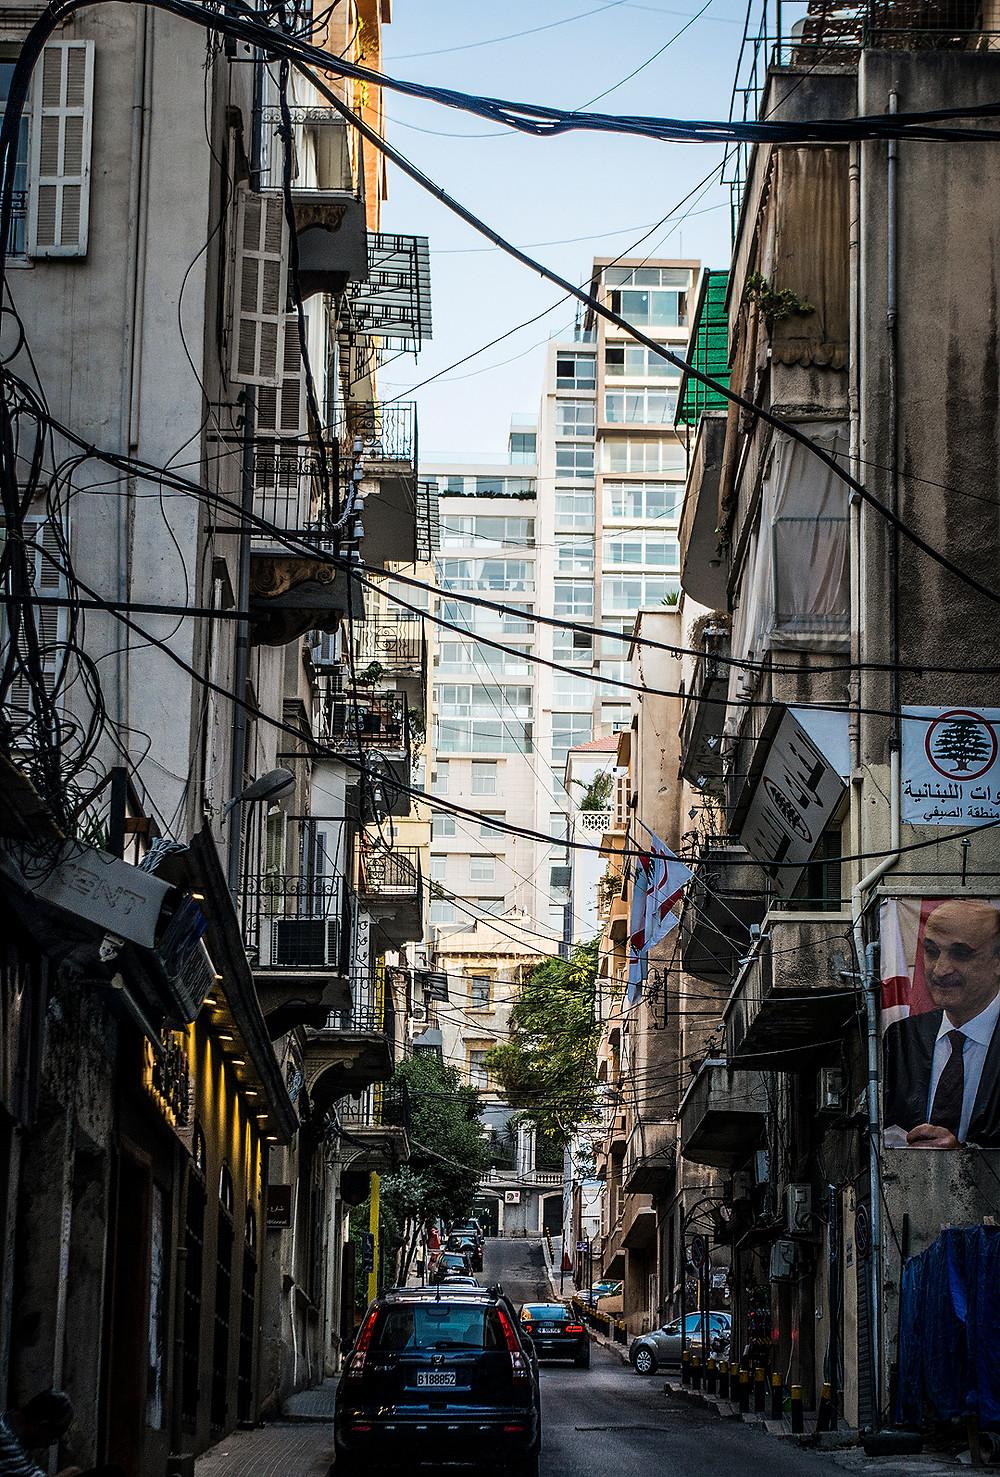 Alleyway on Gourad Street, Gemmayzeh, Beirut